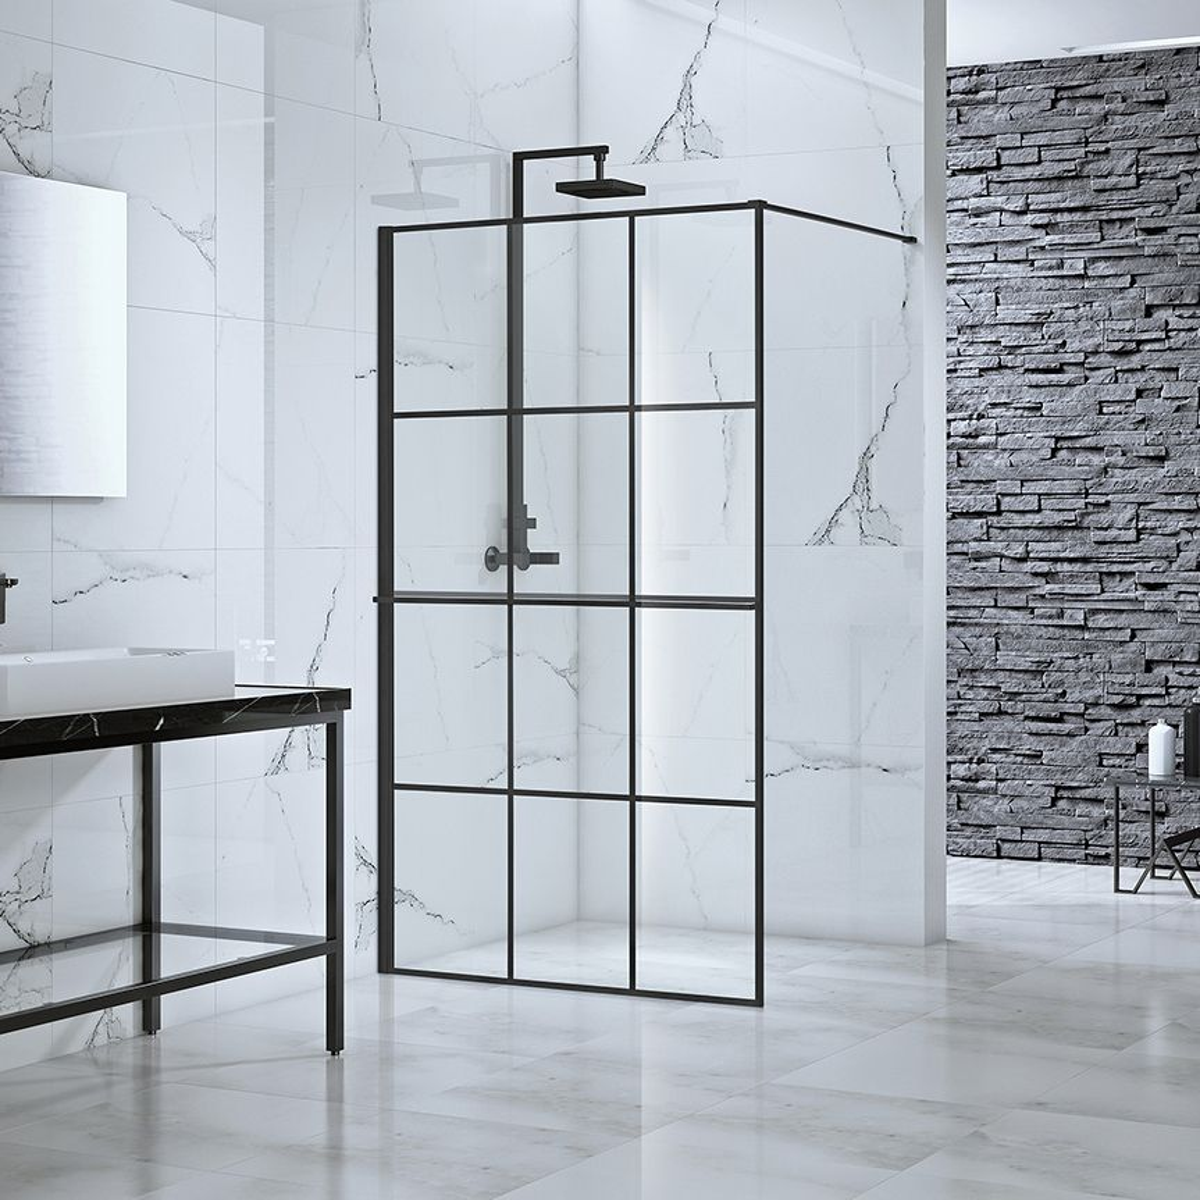 Frontline Aquaglass Velar+ Black Crittal Framed Walk In Shower Enclosure with Towel Rail